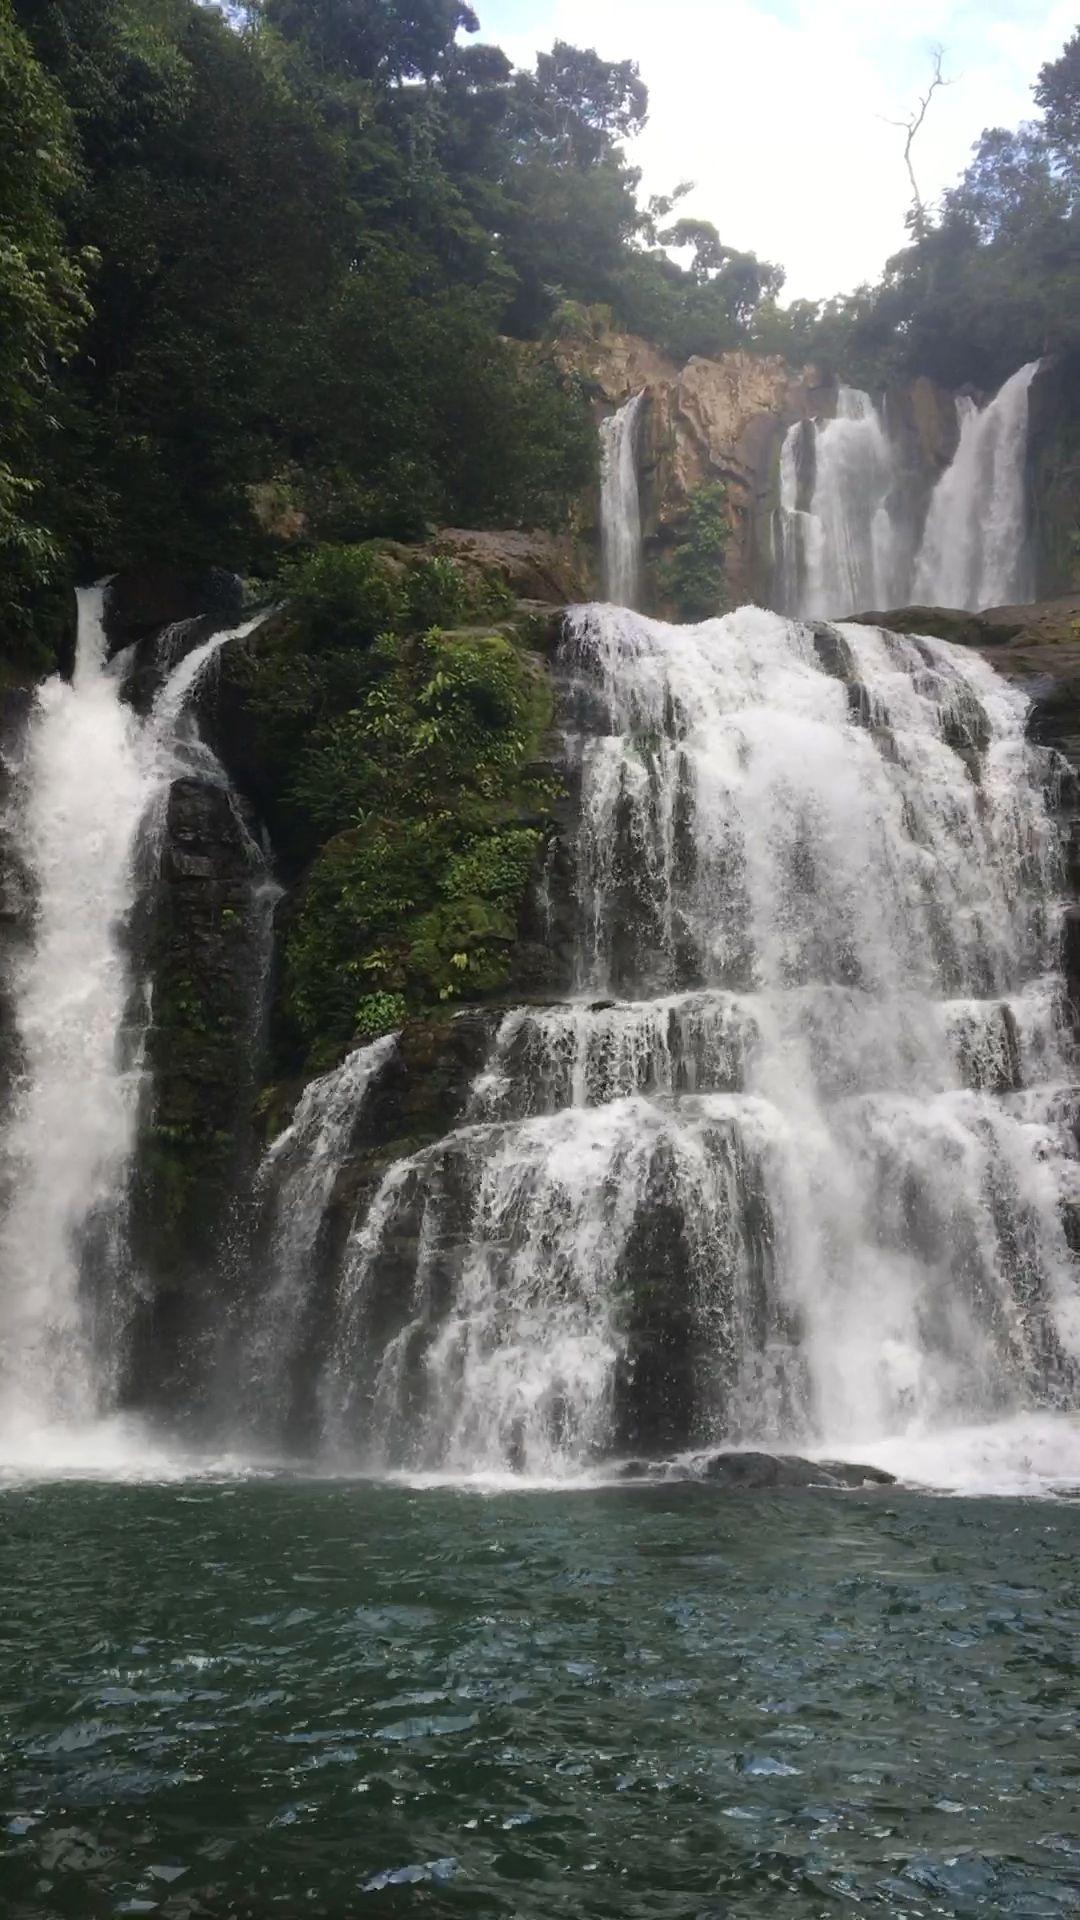 Nauyaca waterfall in Costa Rica  #beautifulnature